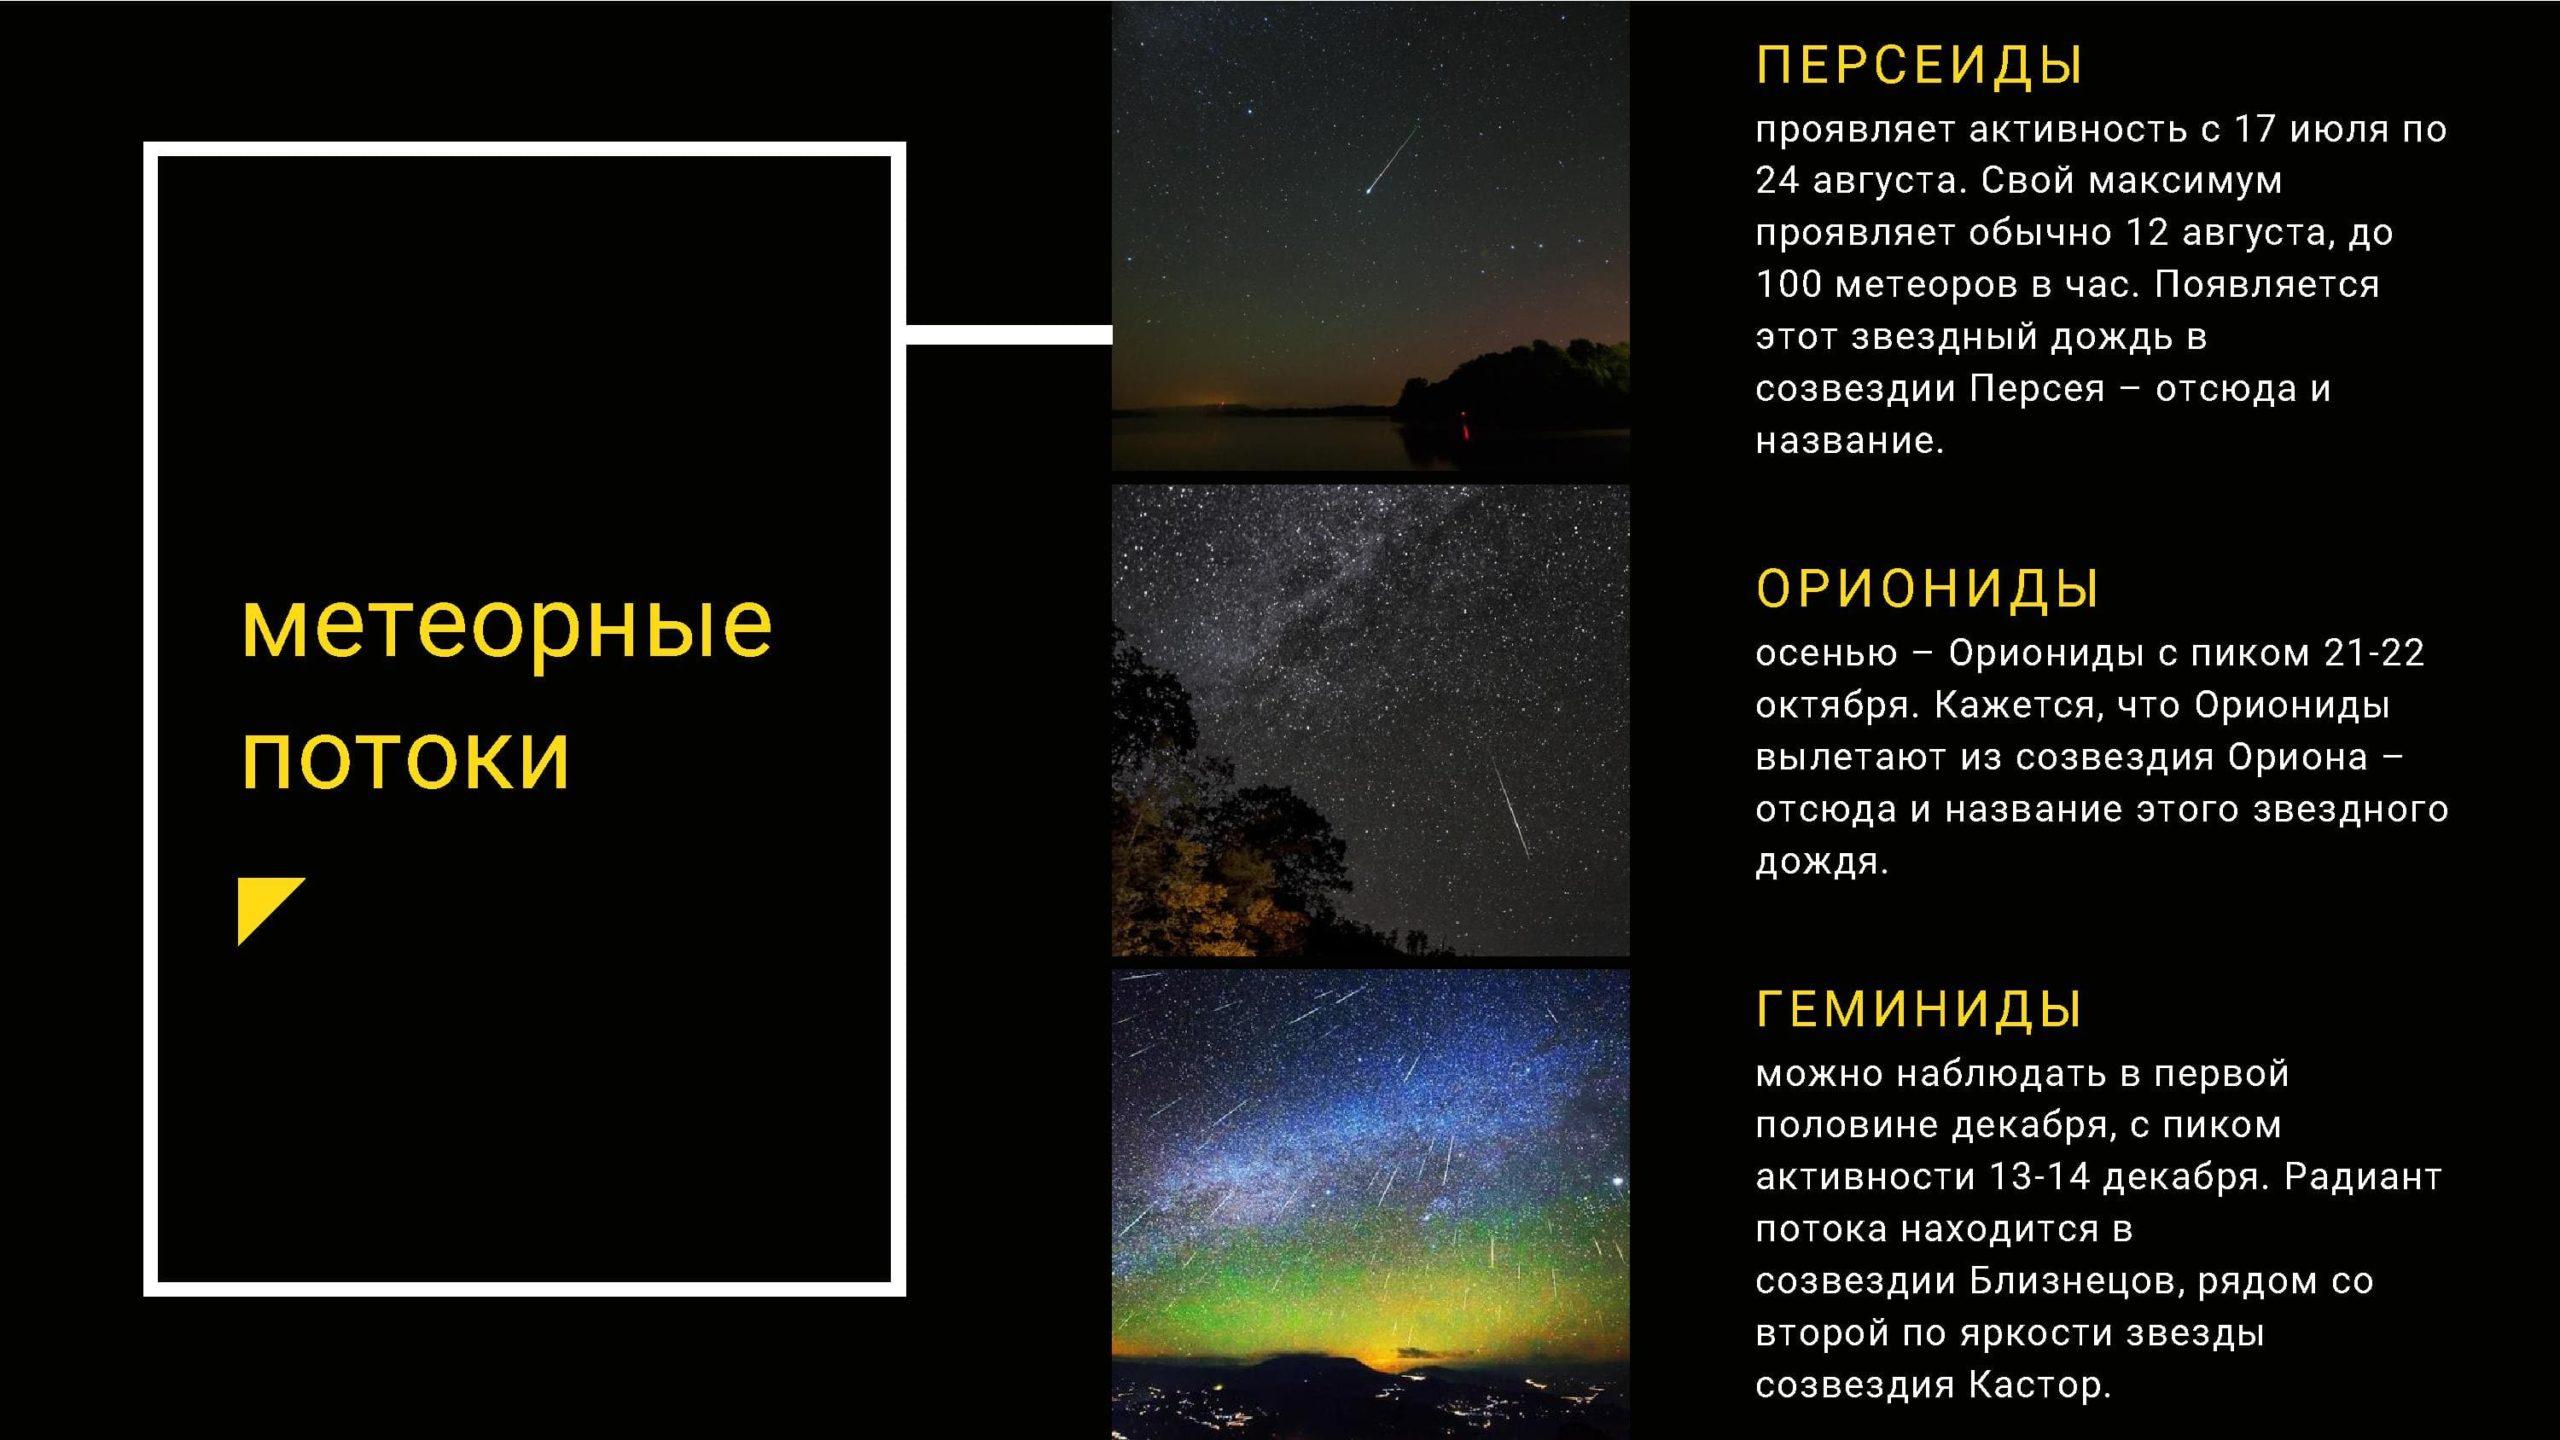 Метеорные потоки: Персеиды, Ориониды, Геминиды